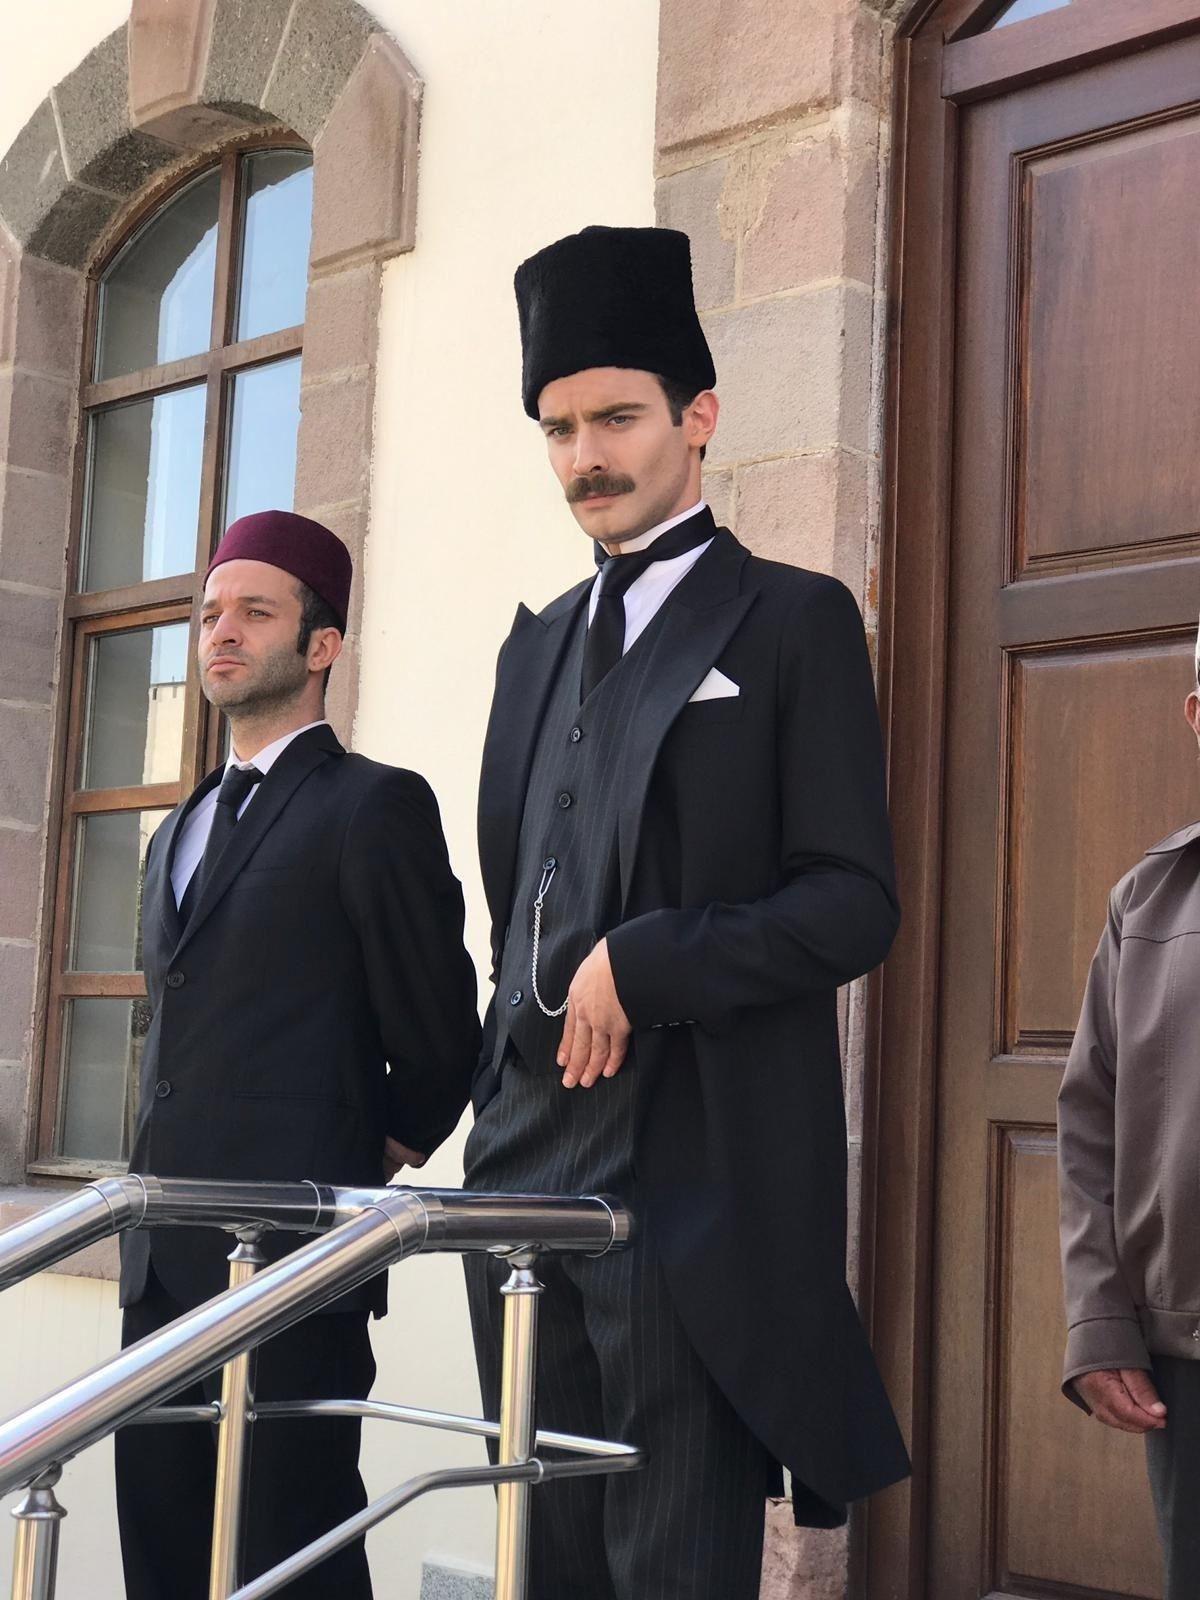 Erzurum Kongresi'nin 102. Yıldönümü için Metehan Şahiner, altıncı kez Atatürk'ü canlandıracak! - Sayfa 3